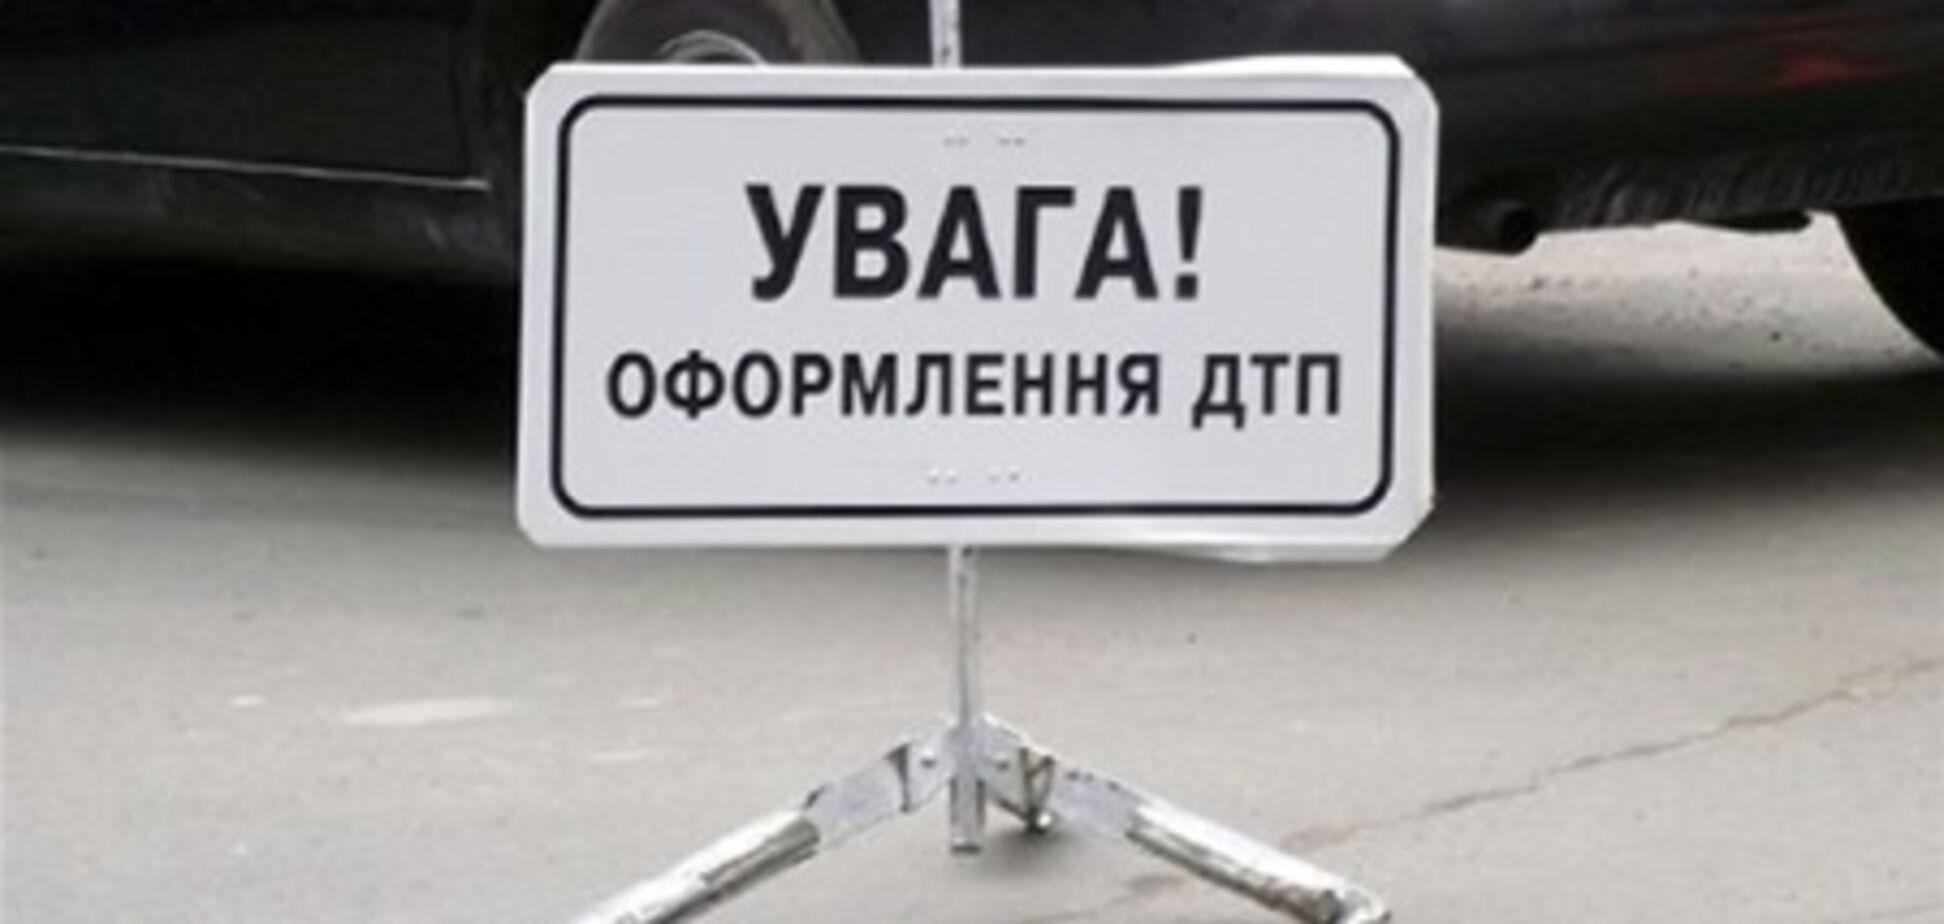 В Закарпатской области перевернулся микроавтобус: 2 человека погибли, 4 – в больнице